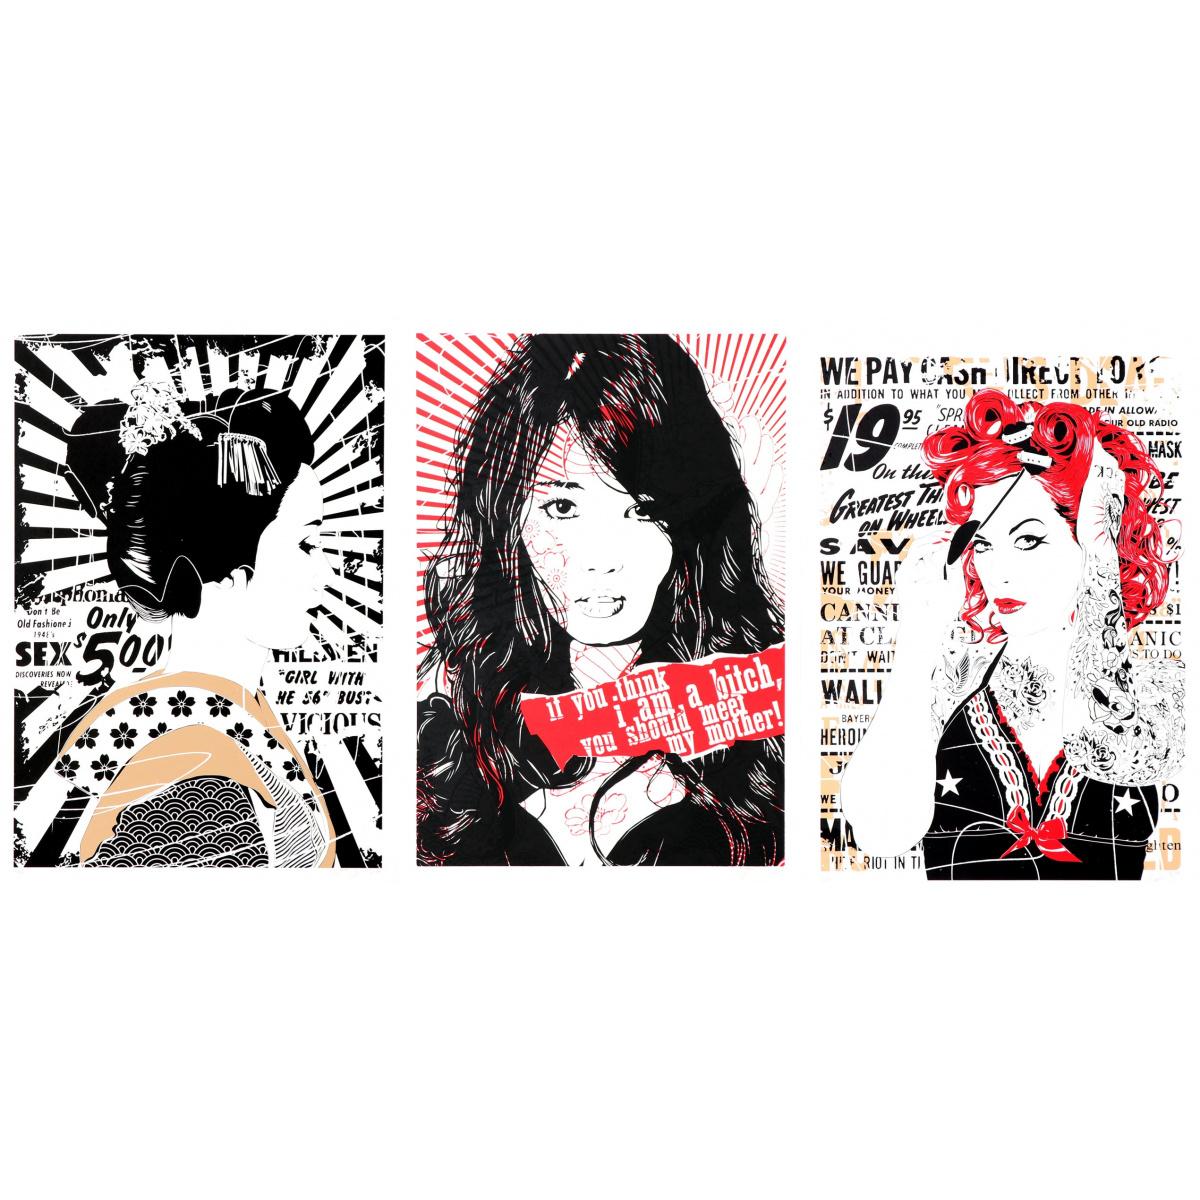 Matching numbers: Geisha Taeko, Gloria & AOI